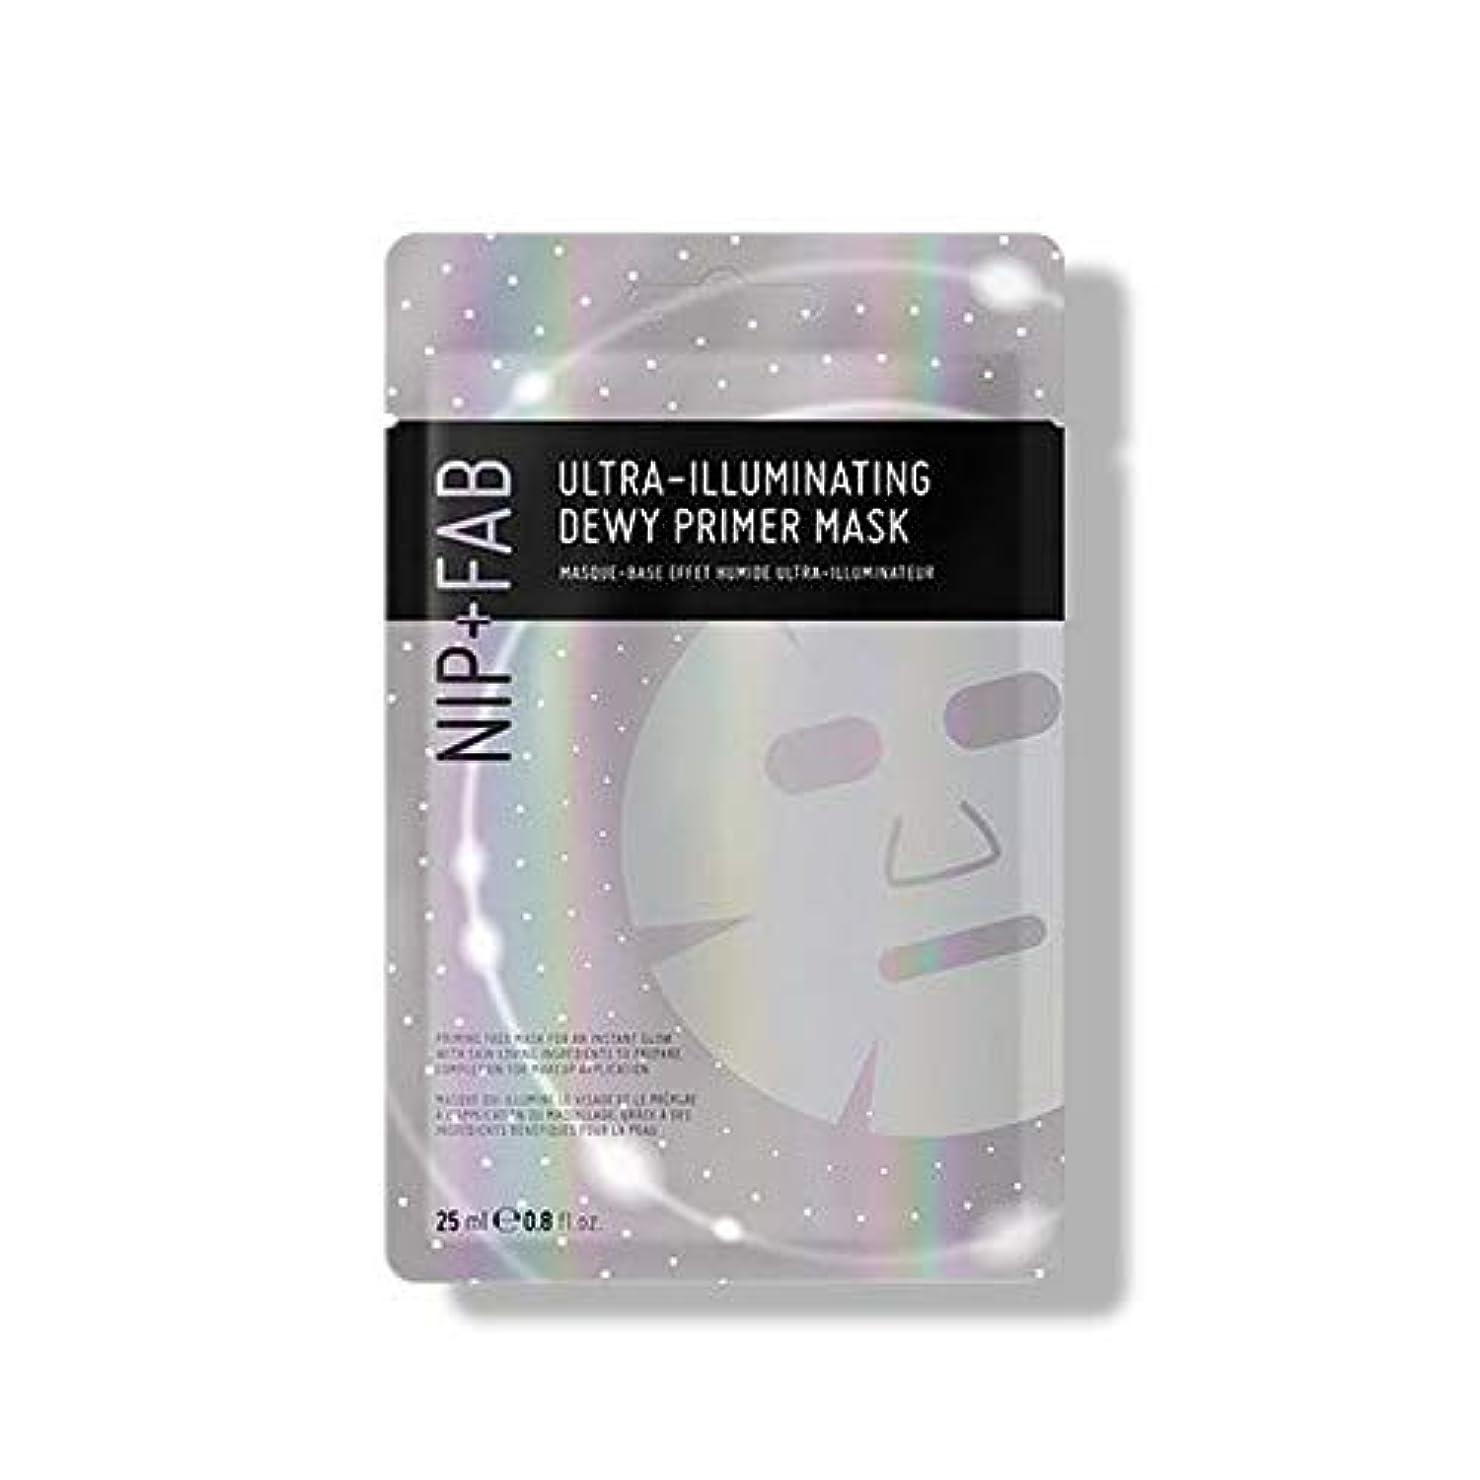 暫定の感謝祭商品[Nip & Fab] 超照明結露プライマーマスク25ミリリットルを作るFab +ニップ - NIP+FAB Make Up Ultra-Illuminating Dewy Primer Mask 25ml [並行輸入品]